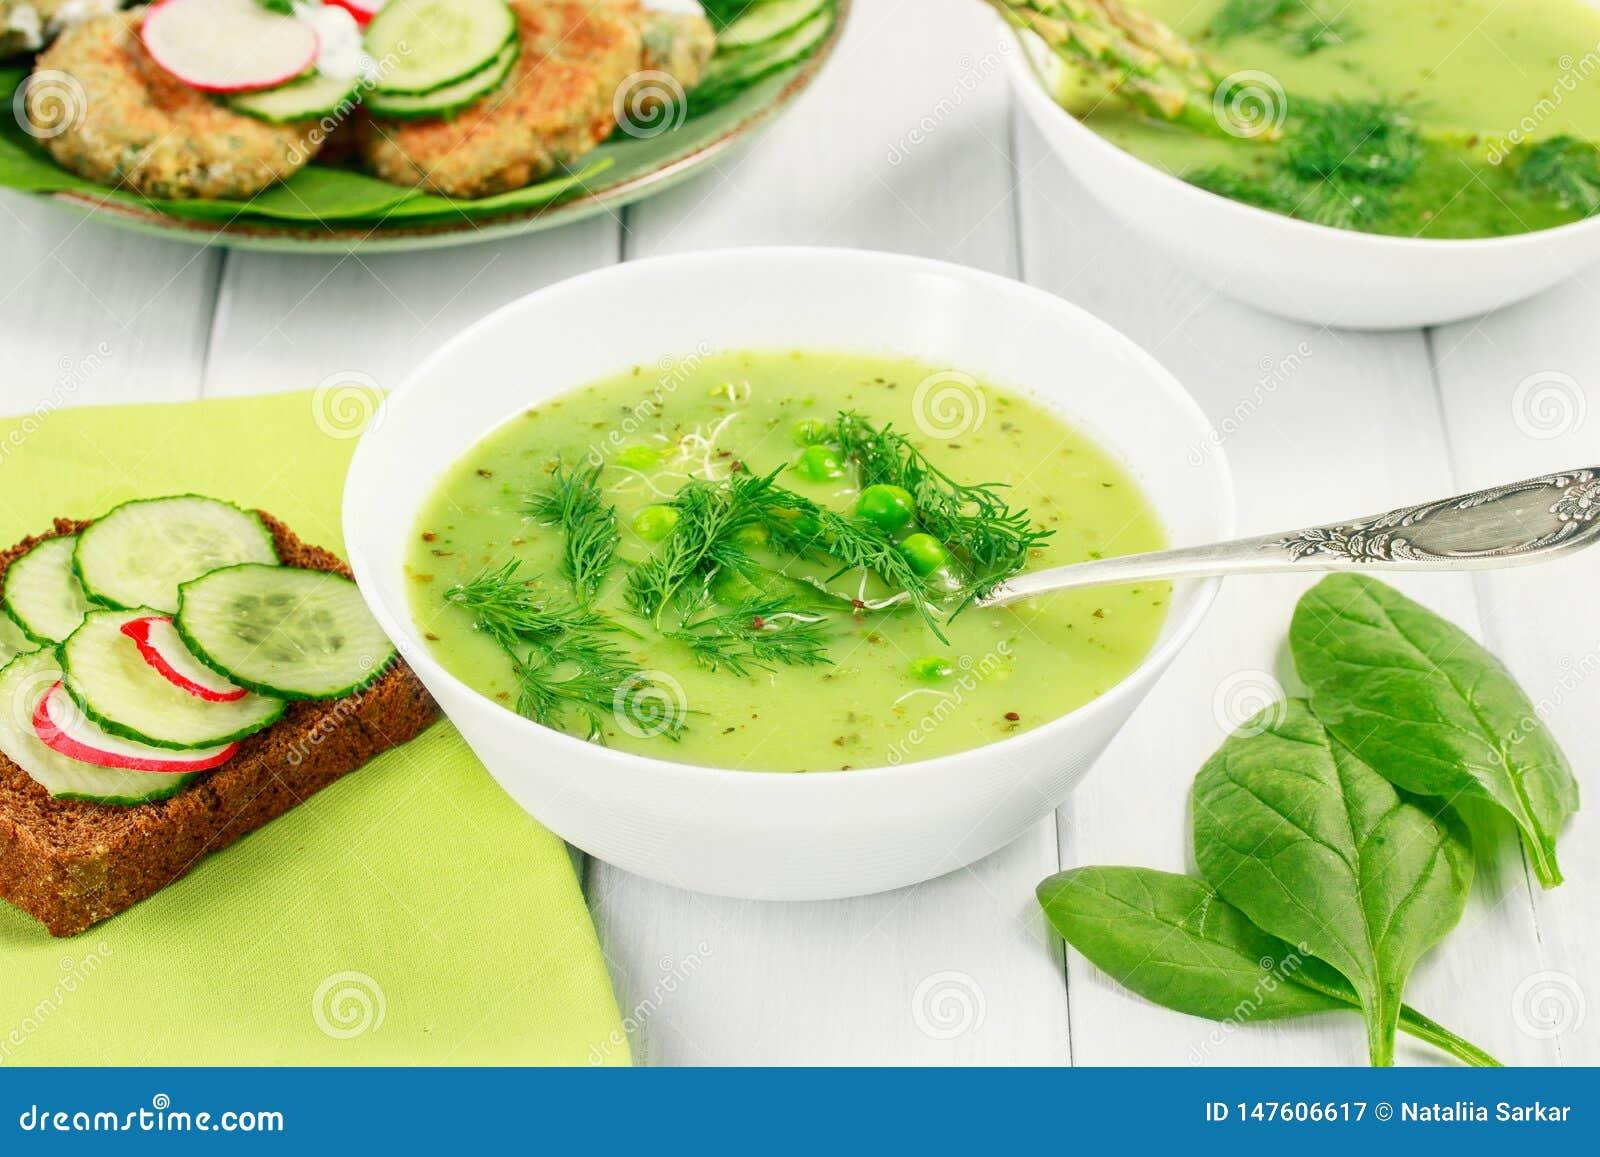 Υγιής χορτοφάγος σούπα τροφίμων με το σπαράγγι και το σπανάκι, πράσινα μπιζέλια και ψωμί με τα λαχανικά